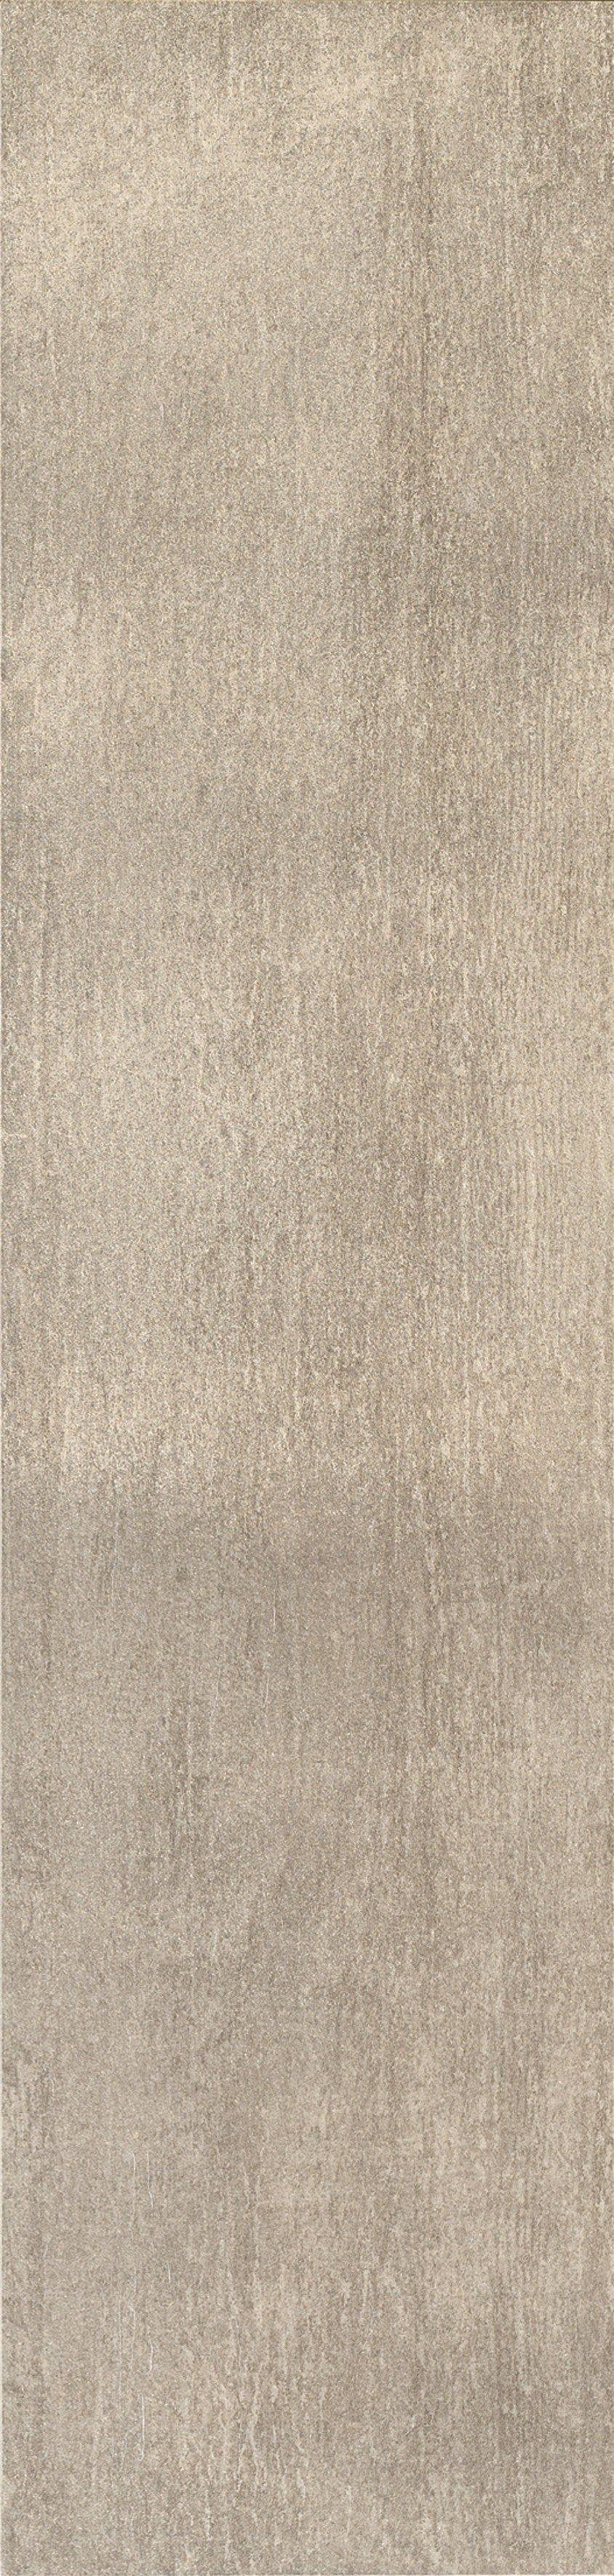 Carrelage ext rieur effet bois cm2 legni high tech for Carrelage exterieur effet bois